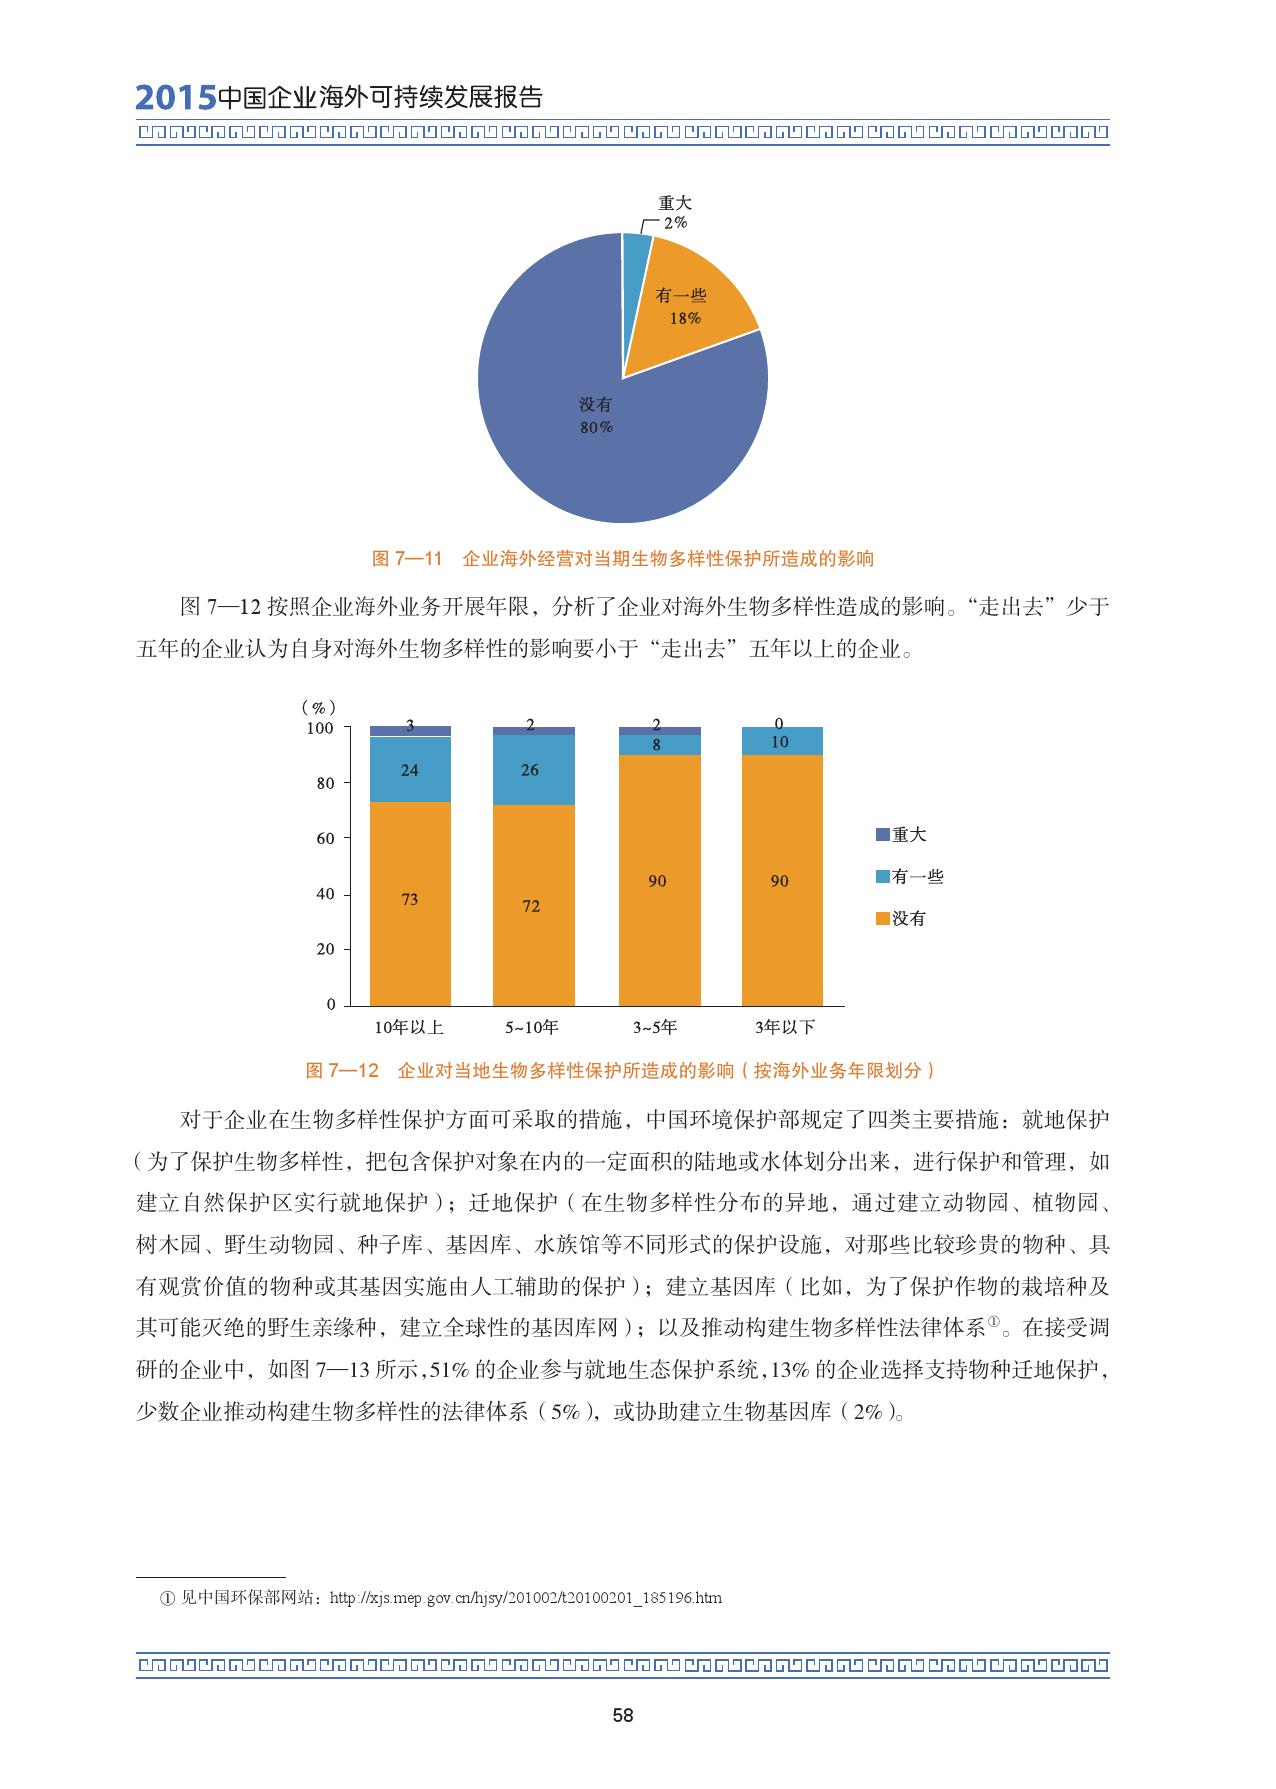 2015中国企业海外可持续发展报告_000072